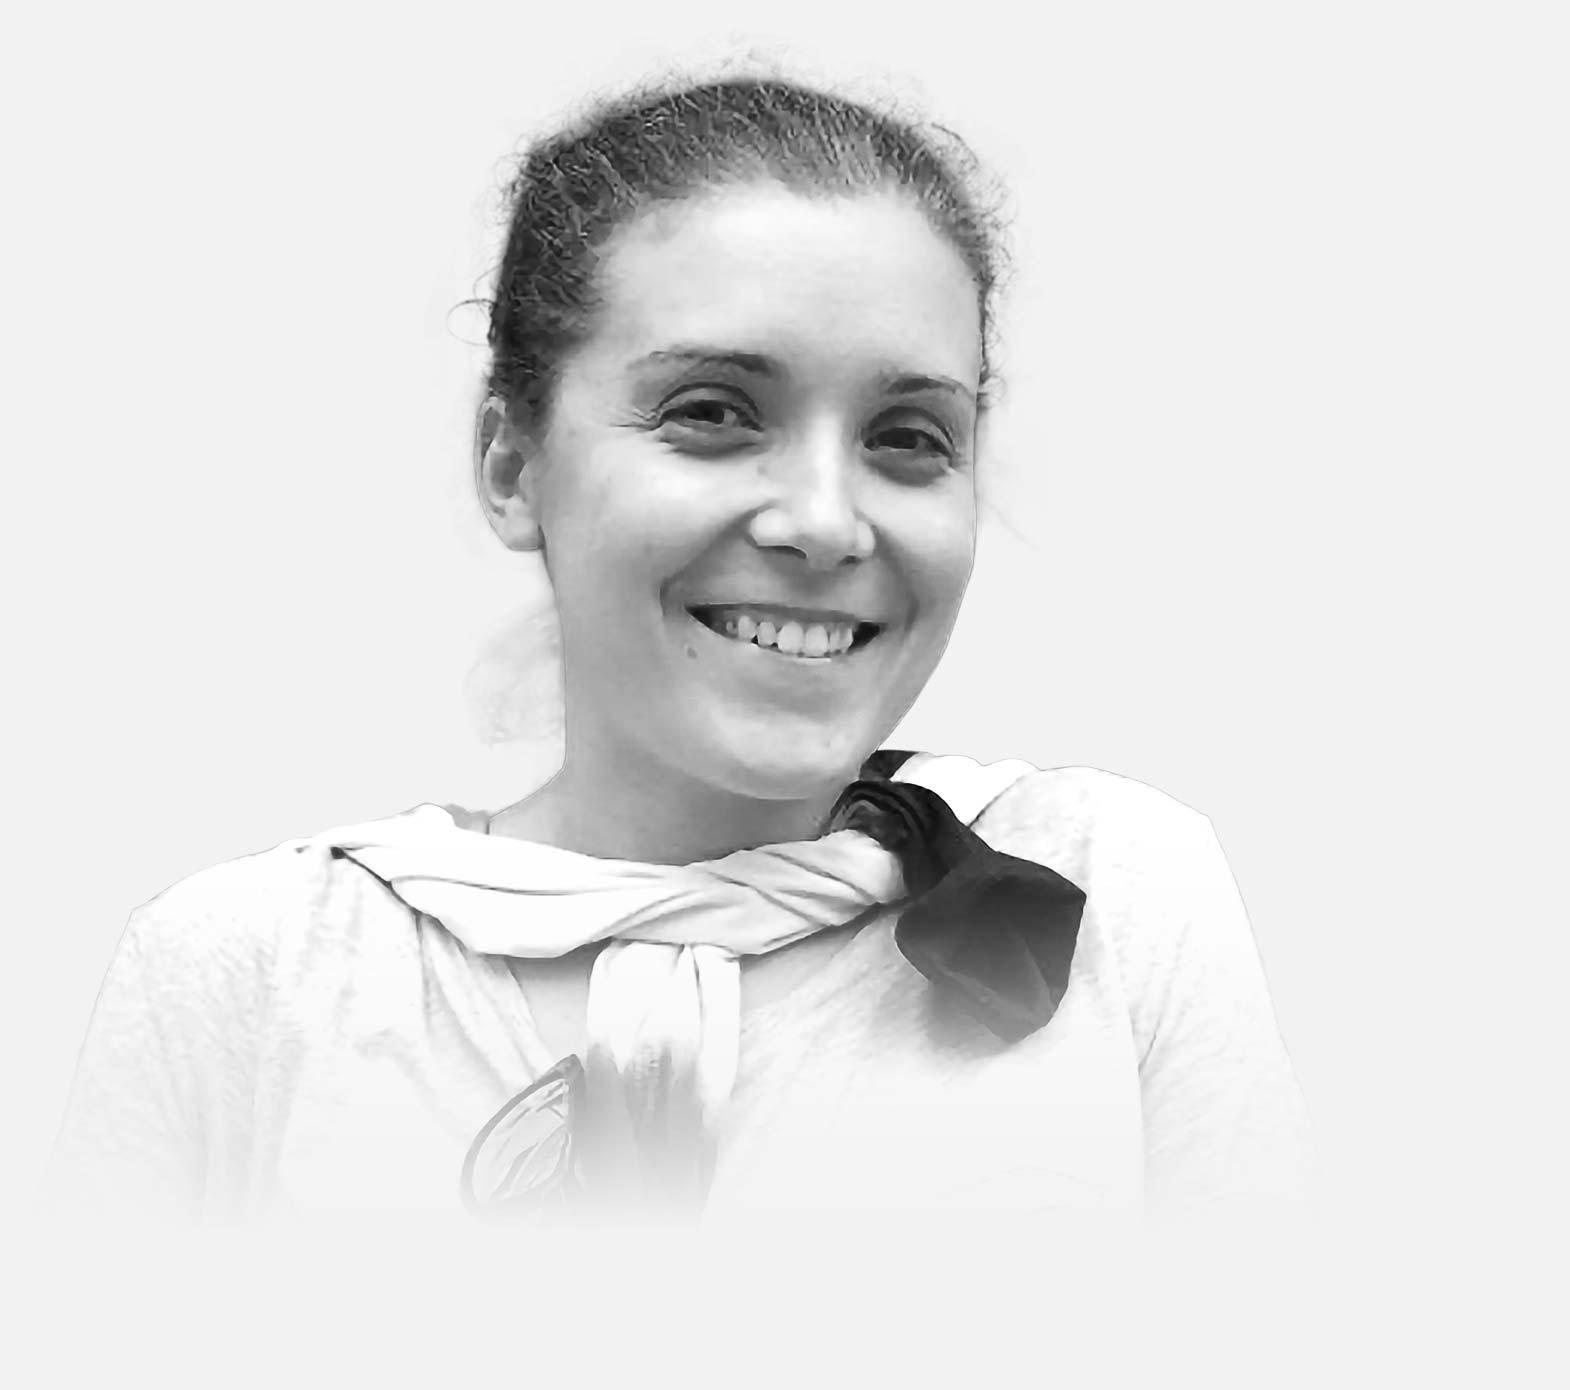 Portrait of Aleksandra Zajdzik